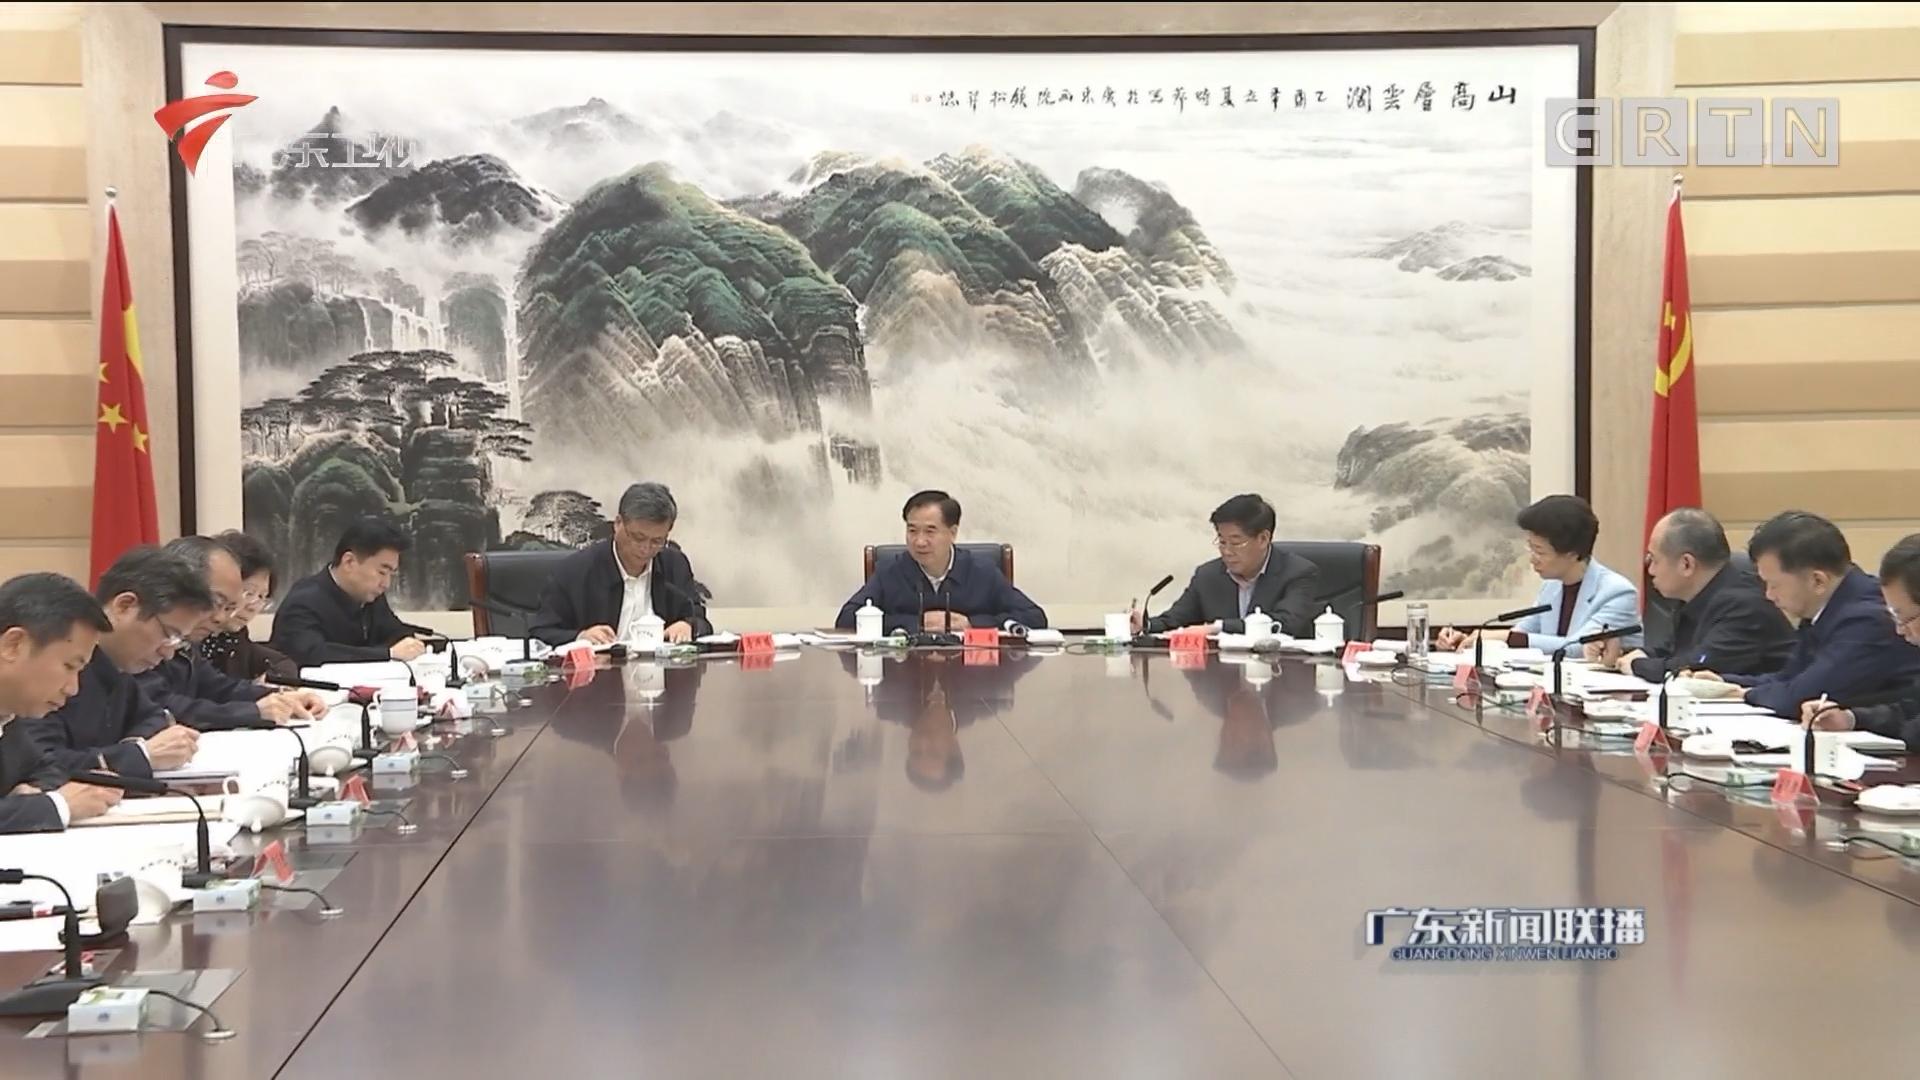 省委常委班子召开年度民主生活会 李希主持会议